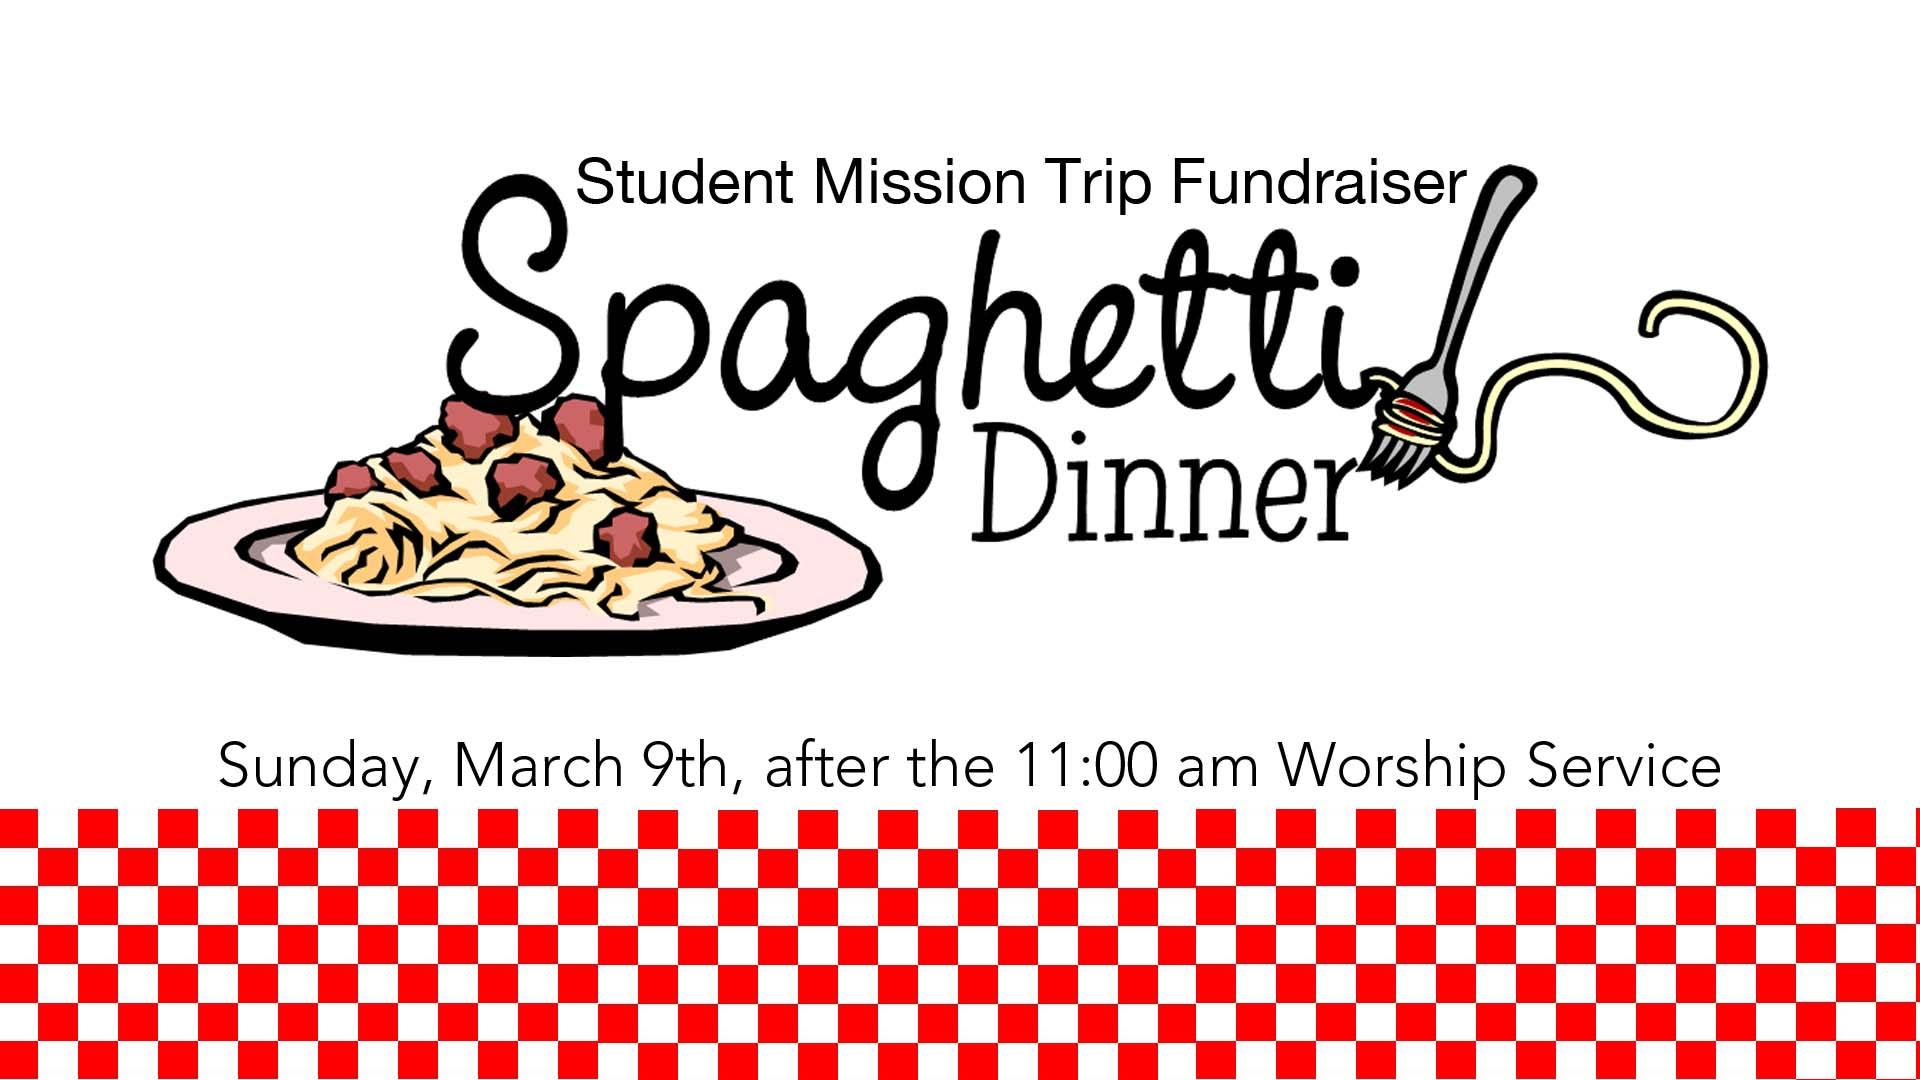 Spaghetti dinner fundraiser clipart for facebook picture transparent Spaghetti dinner clipart - ClipartFest picture transparent